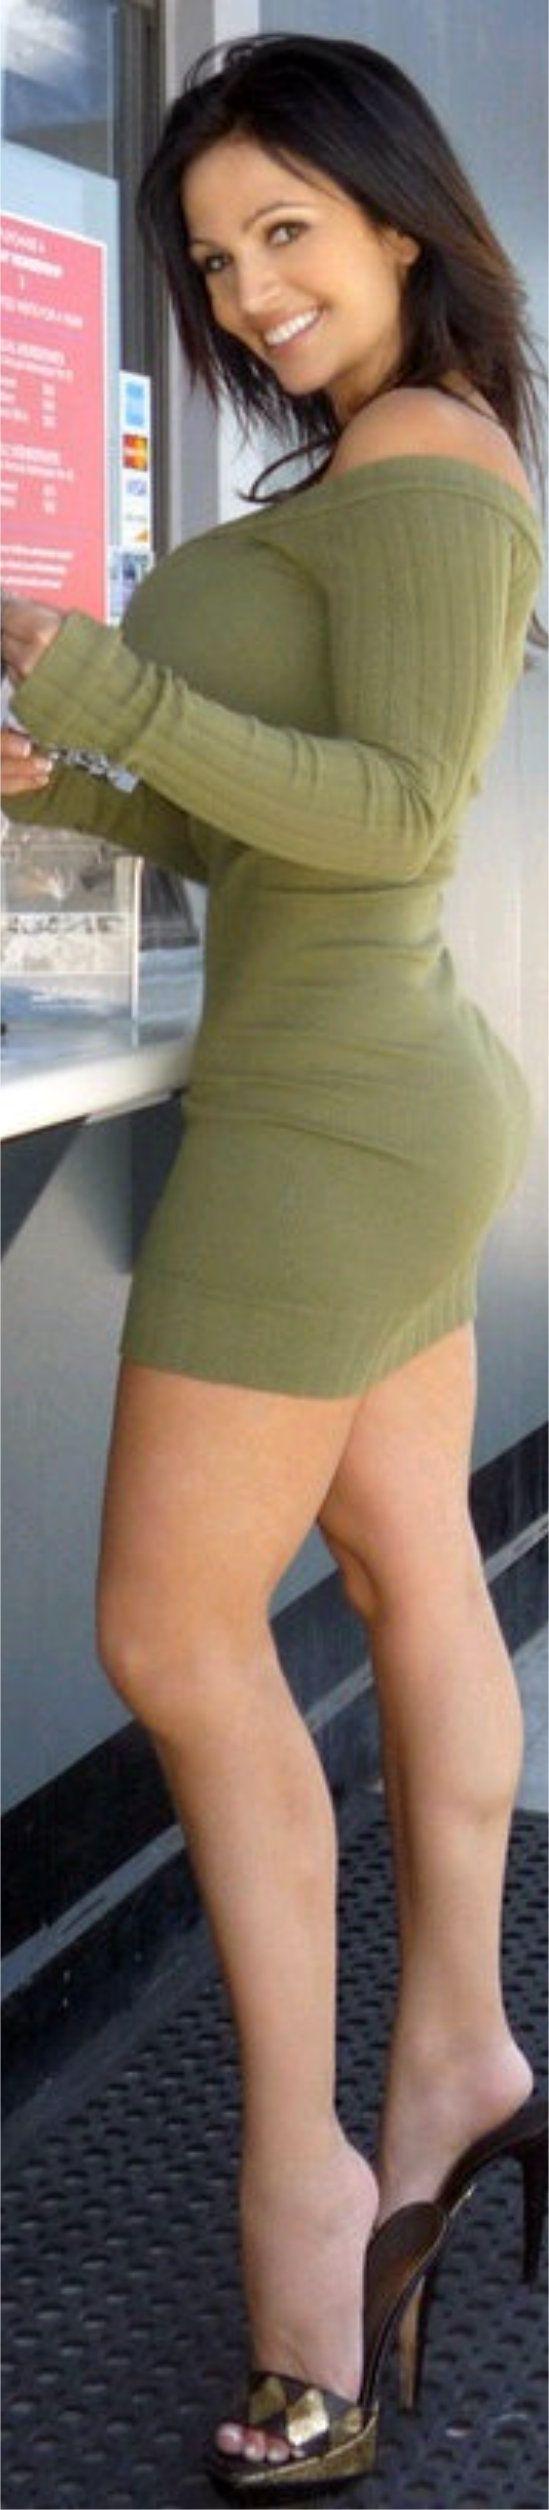 Pinterest tight dress hot girls